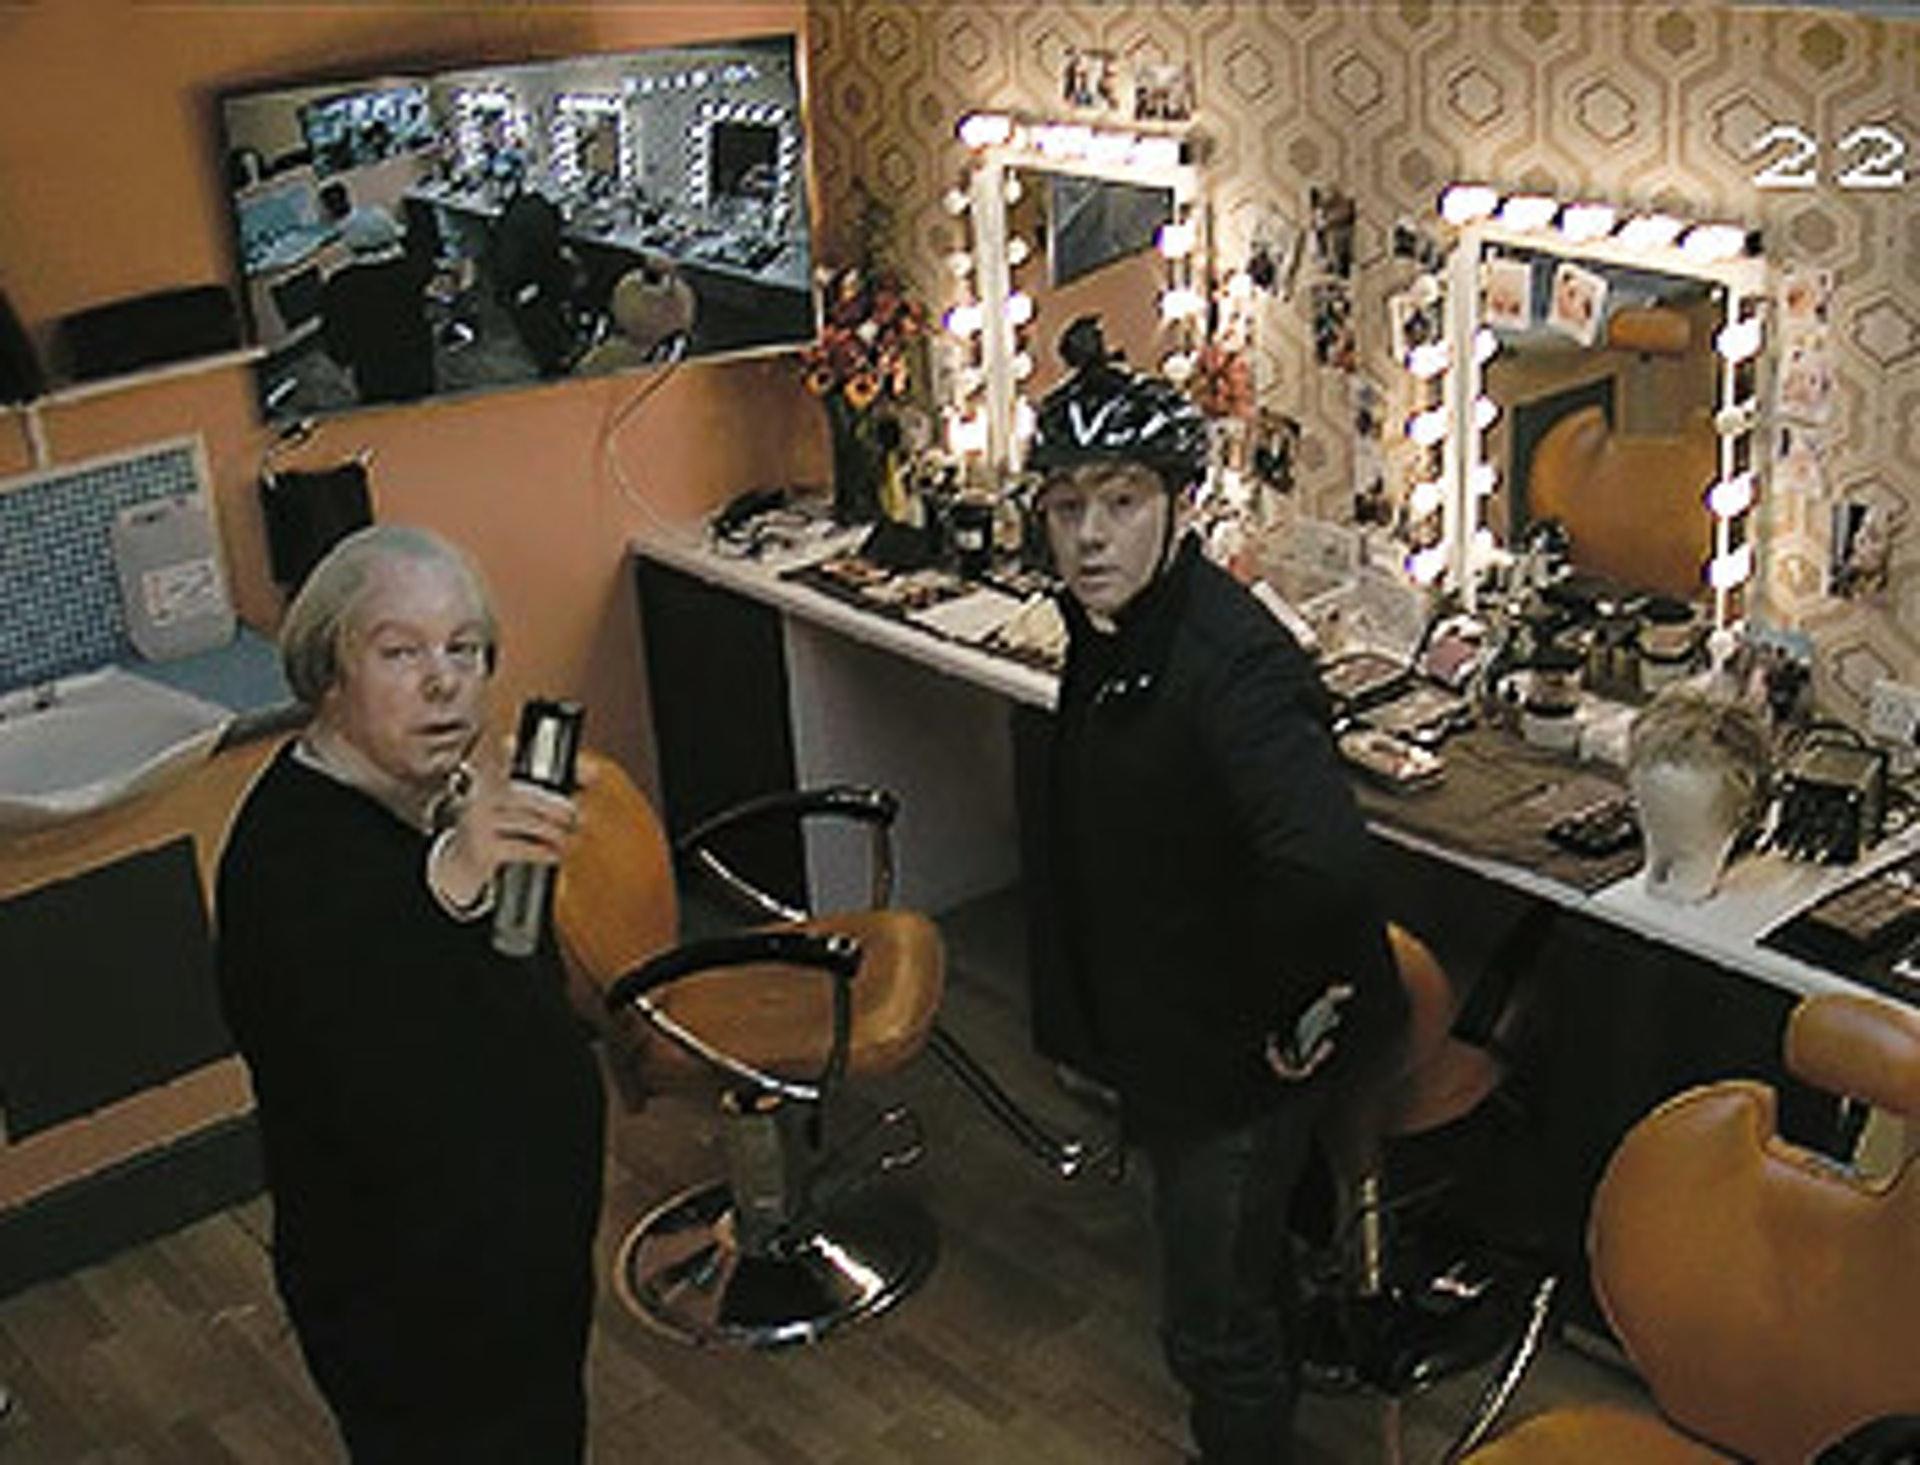 觀眾在實時監控畫面中看見兩位主角在拍劇期間撞鬼,究竟是真是假?(影片截圖)